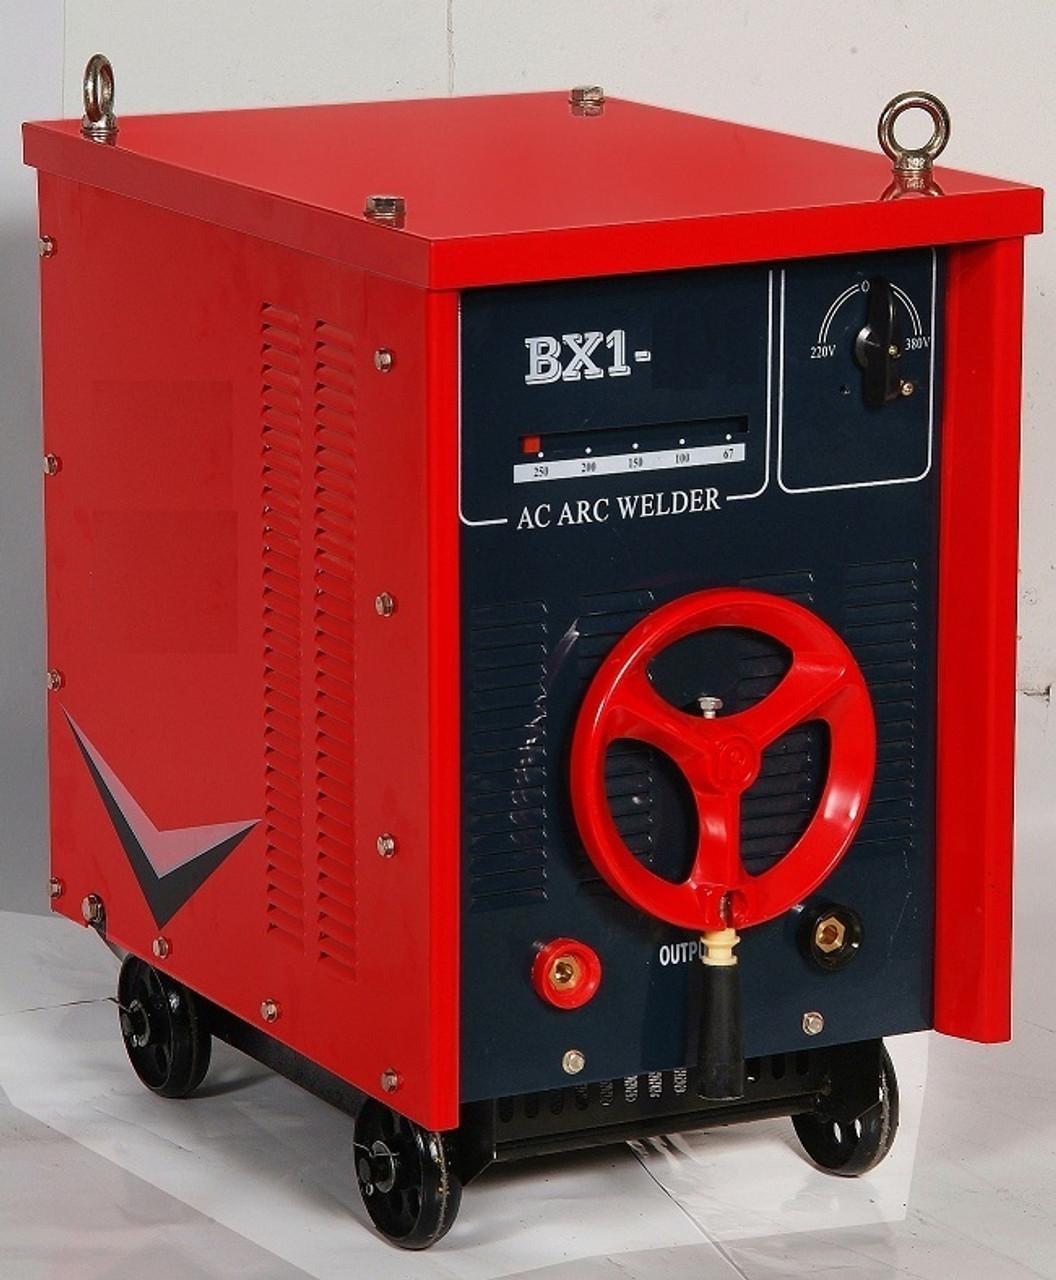 medium resolution of power flex welding machine single phase 250 amps ac arc welder gz nigeria